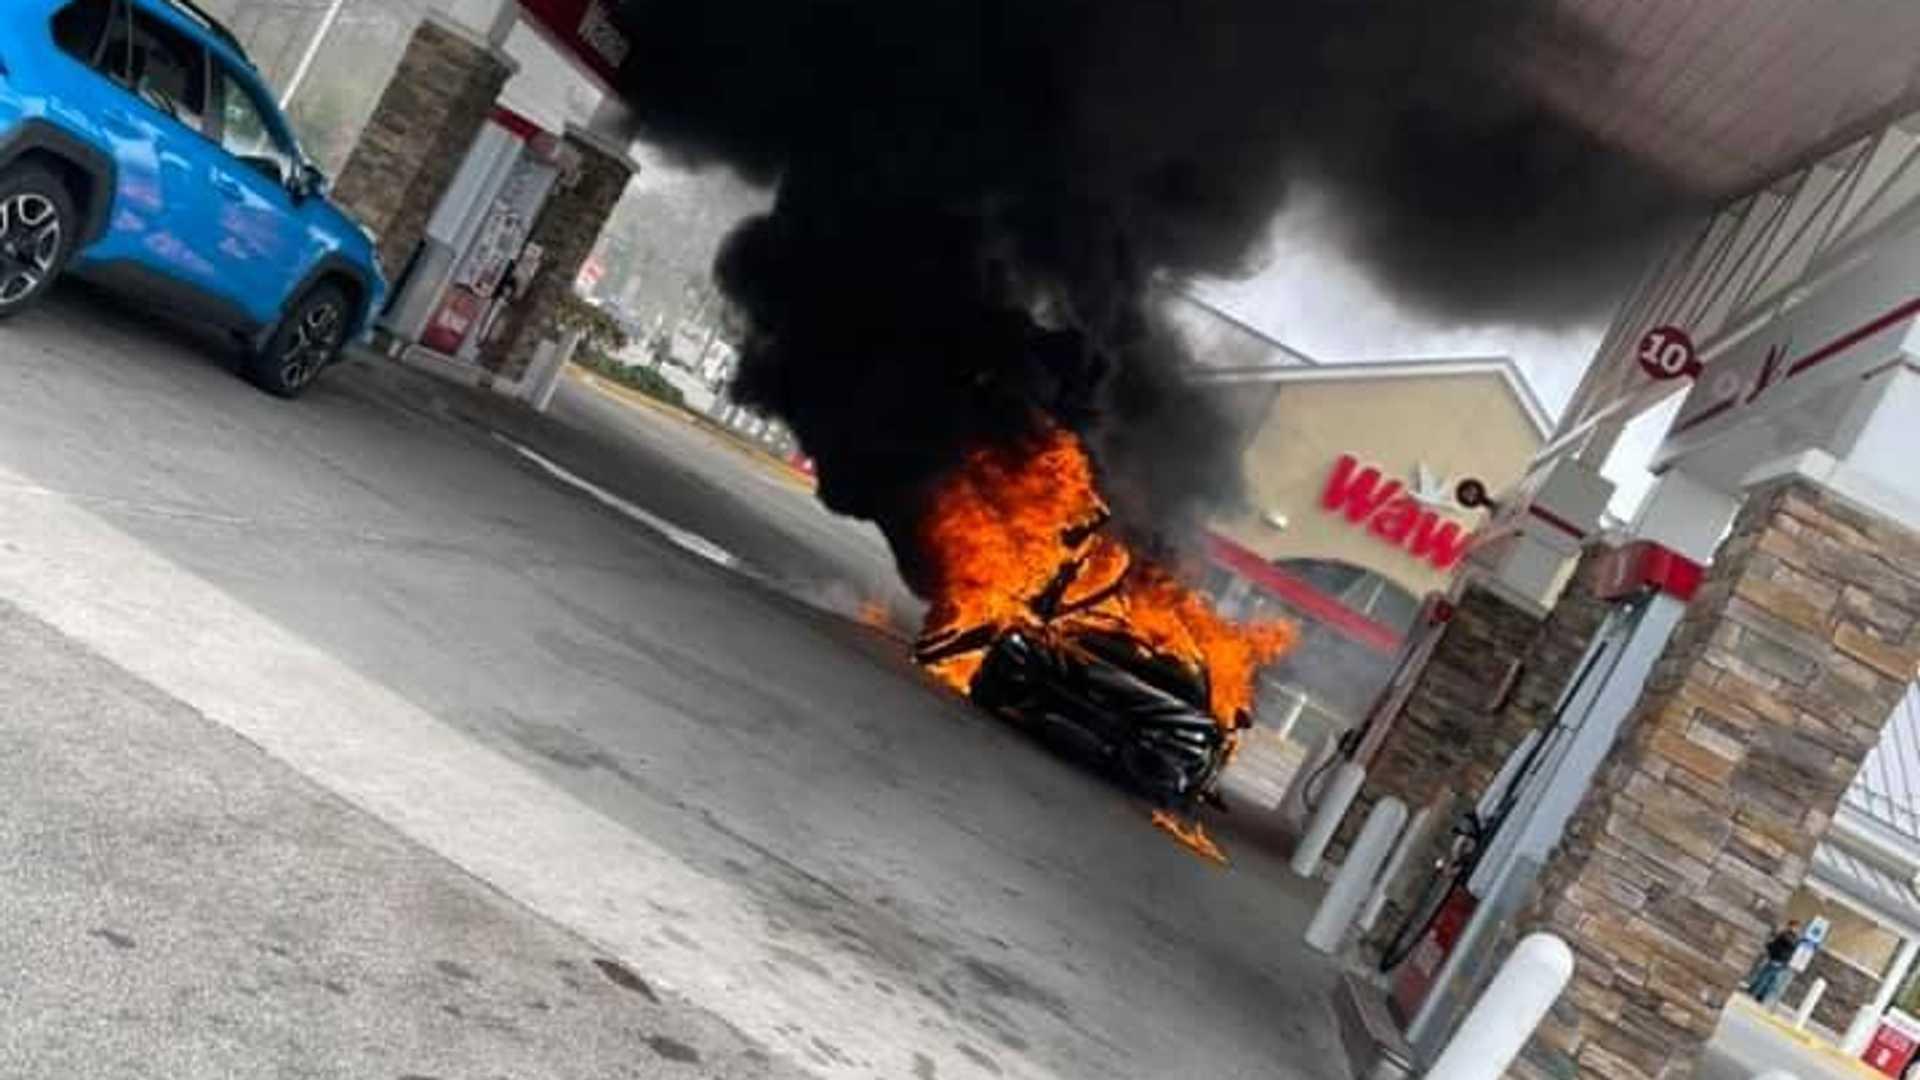 Лимитириванный суперкар McLaren выгорел дотла на АЗС - эффектные фото 1